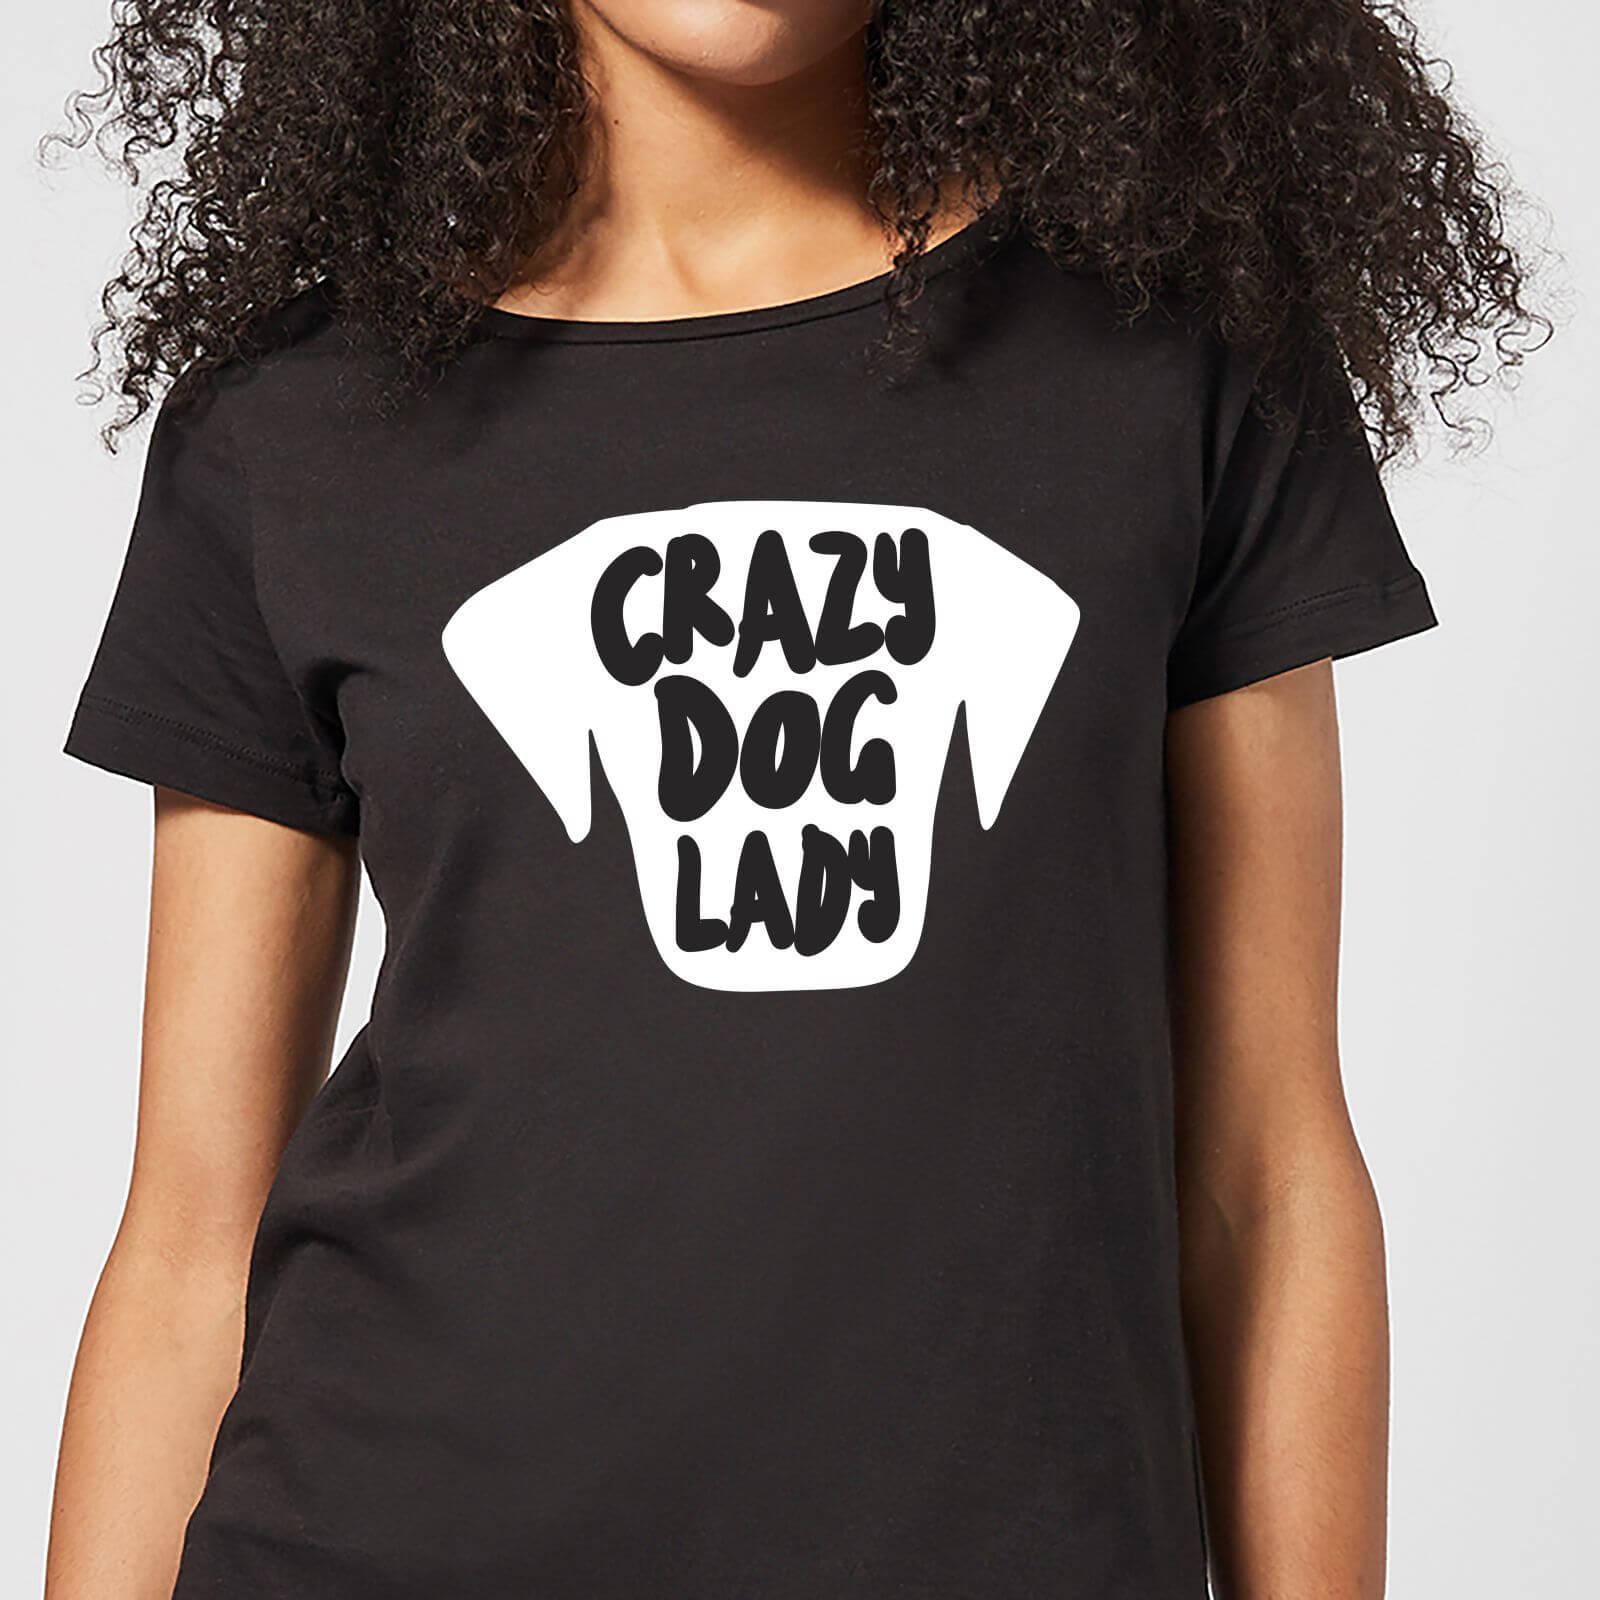 By IWOOT Crazy Dog Lady Women's T-Shirt - Black - 3XL - Black